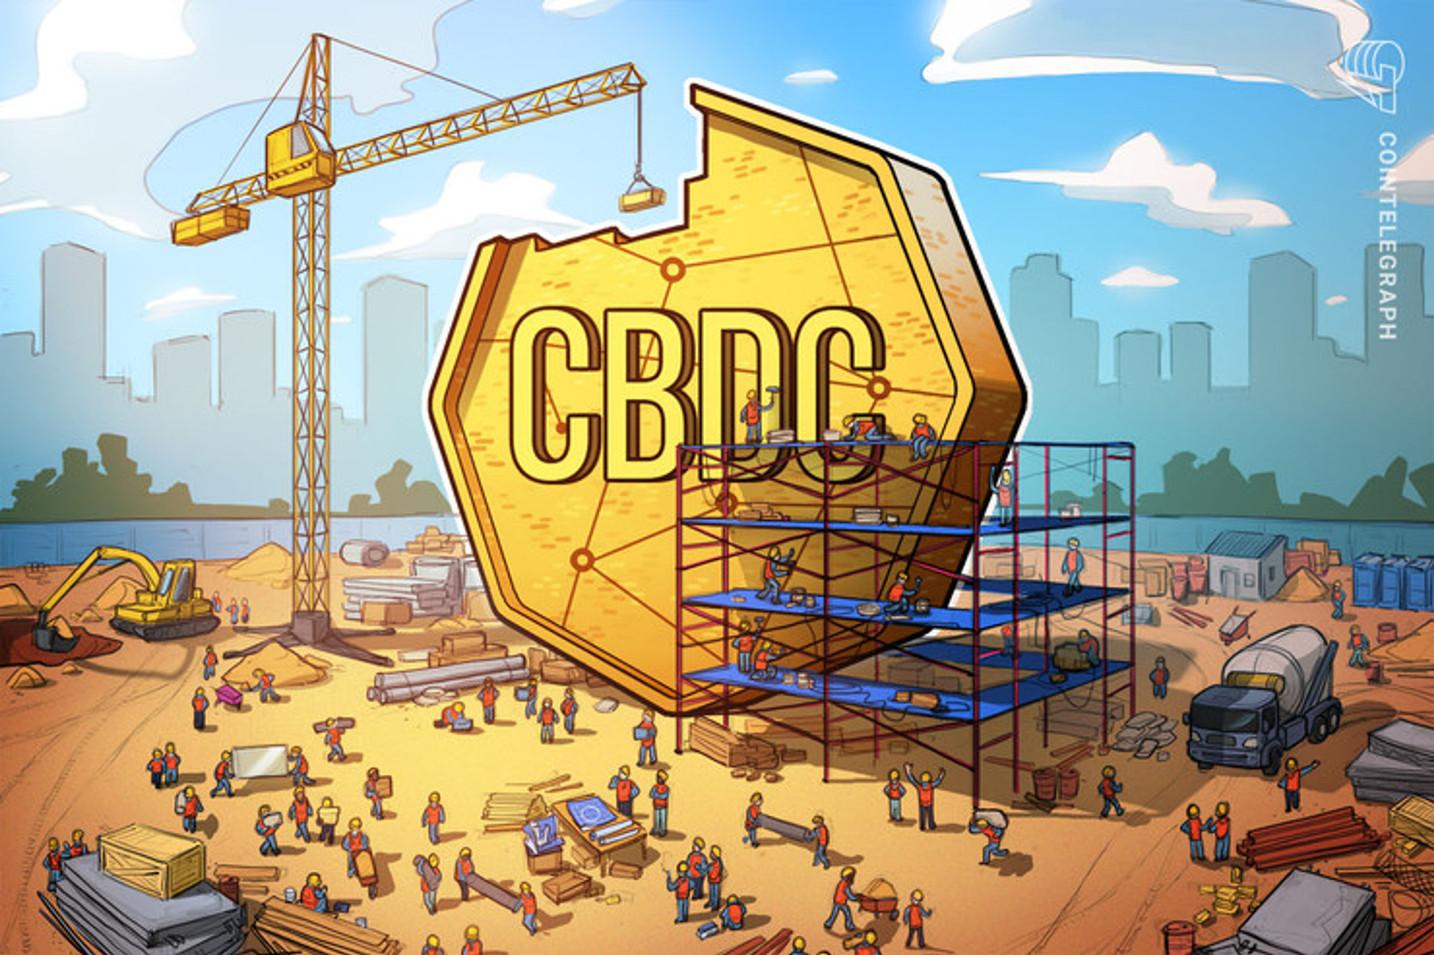 Estiman que para 2025 el 20% de los préstamos al consumo se transferirá en una CBDC